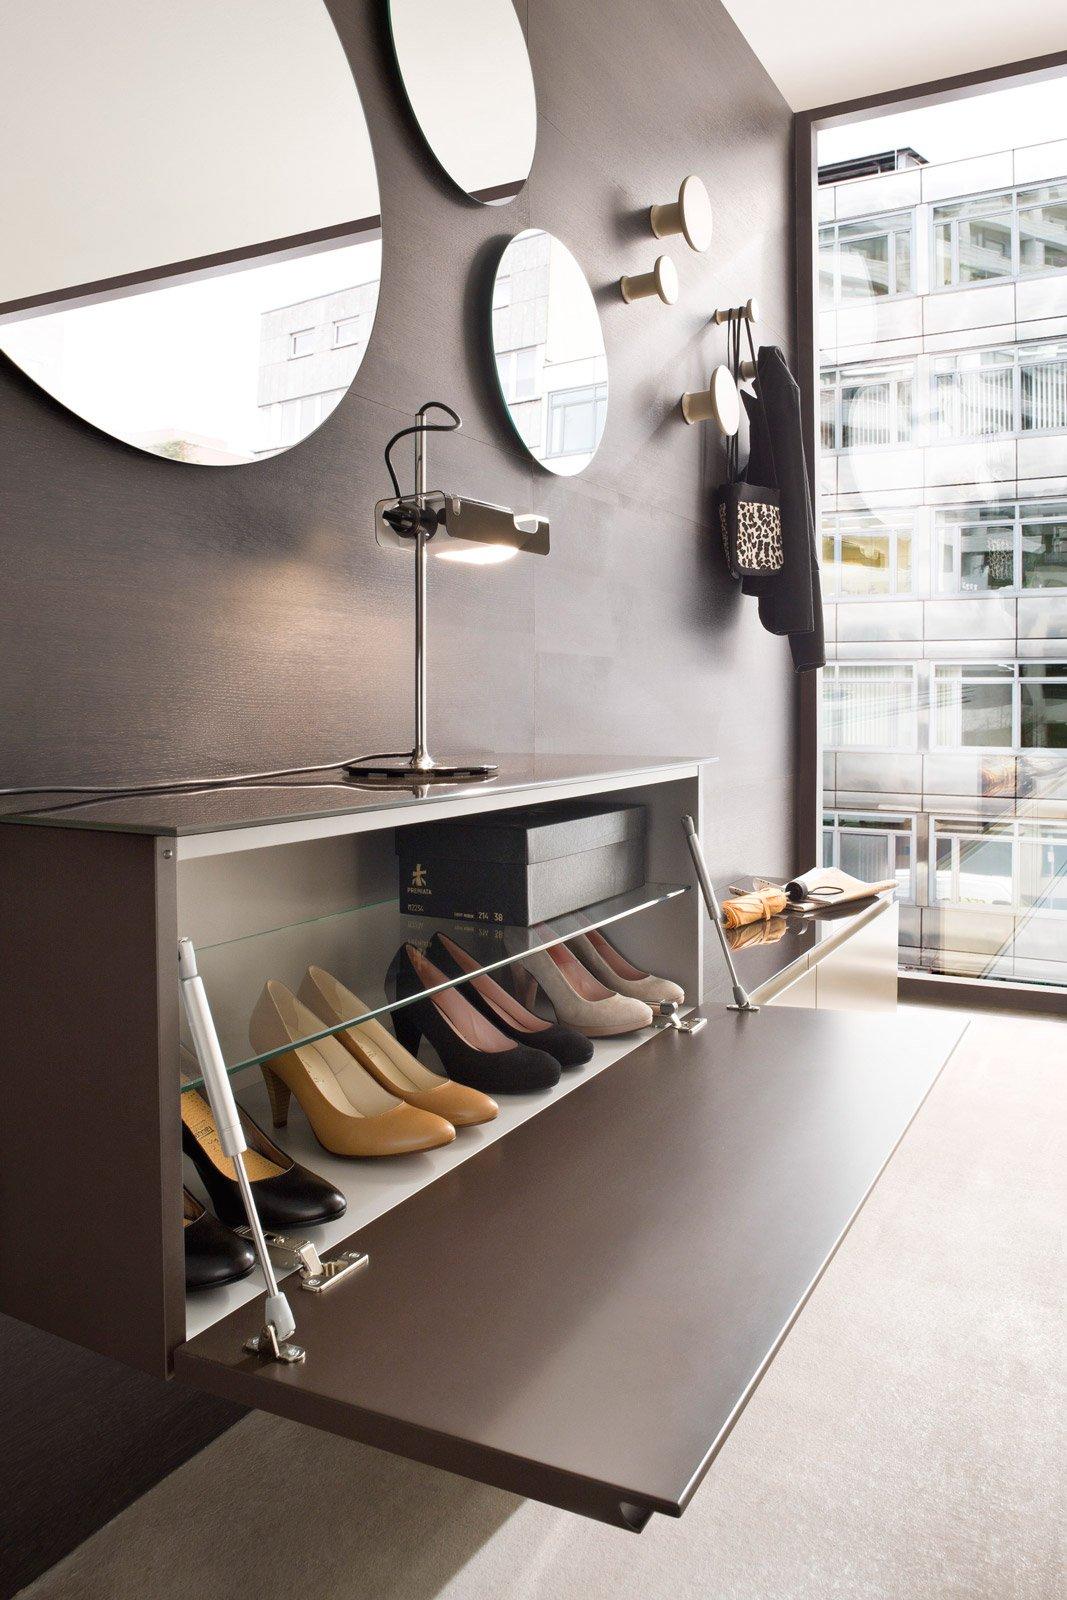 Scarpiere slim modulari e salvaspazio cose di casa for Lavagne magnetiche da arredo